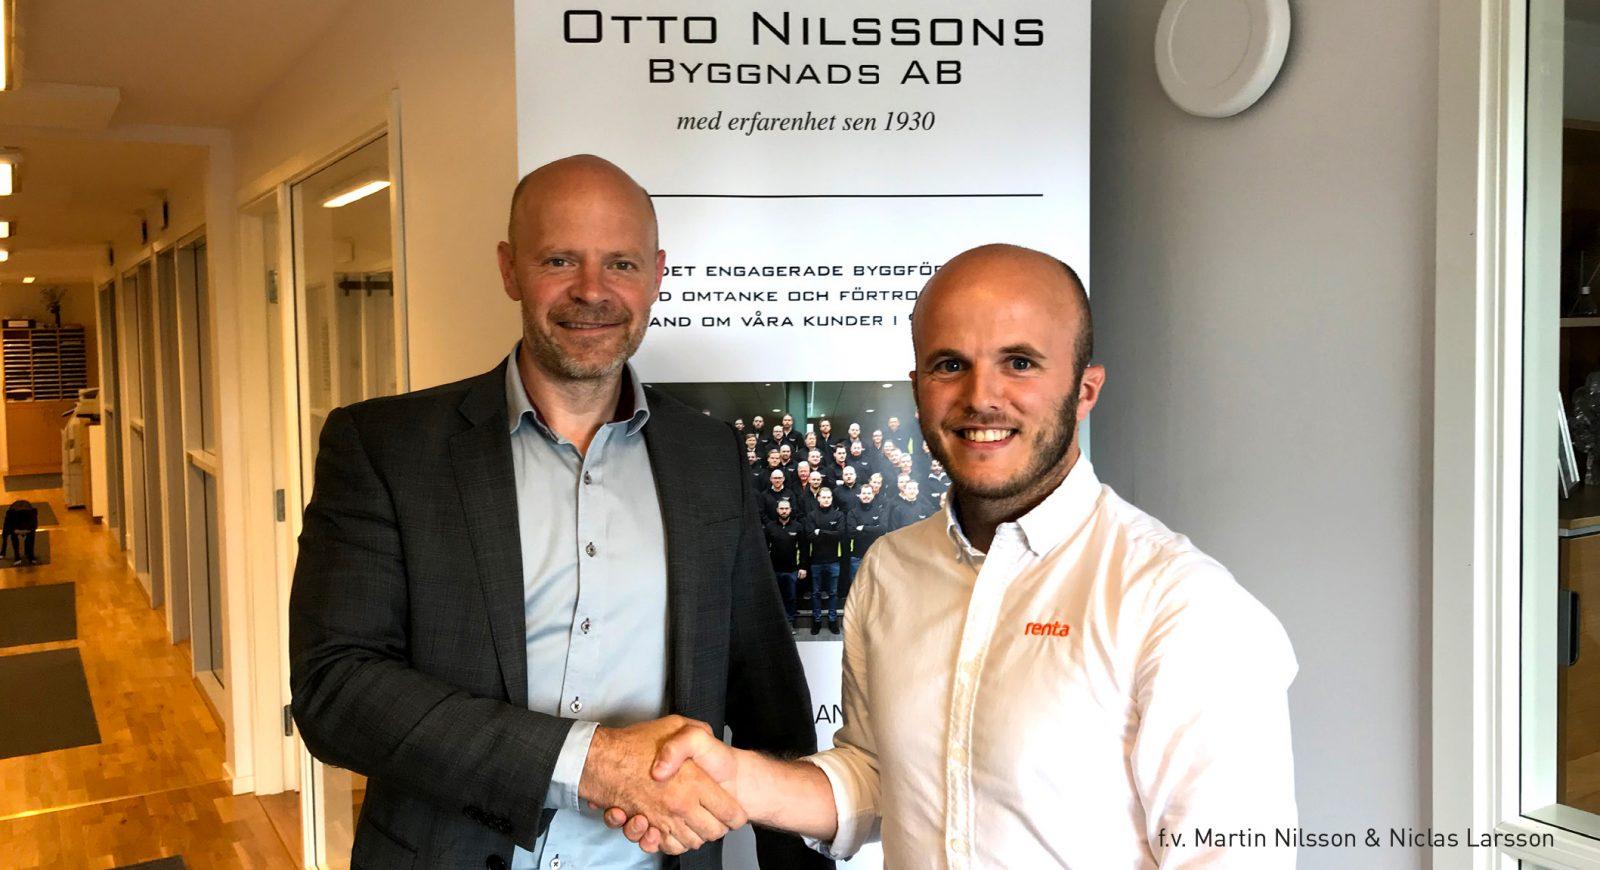 Otto Nilssons Byggnads AB och Renta har skrivit ett heltäckande avtal